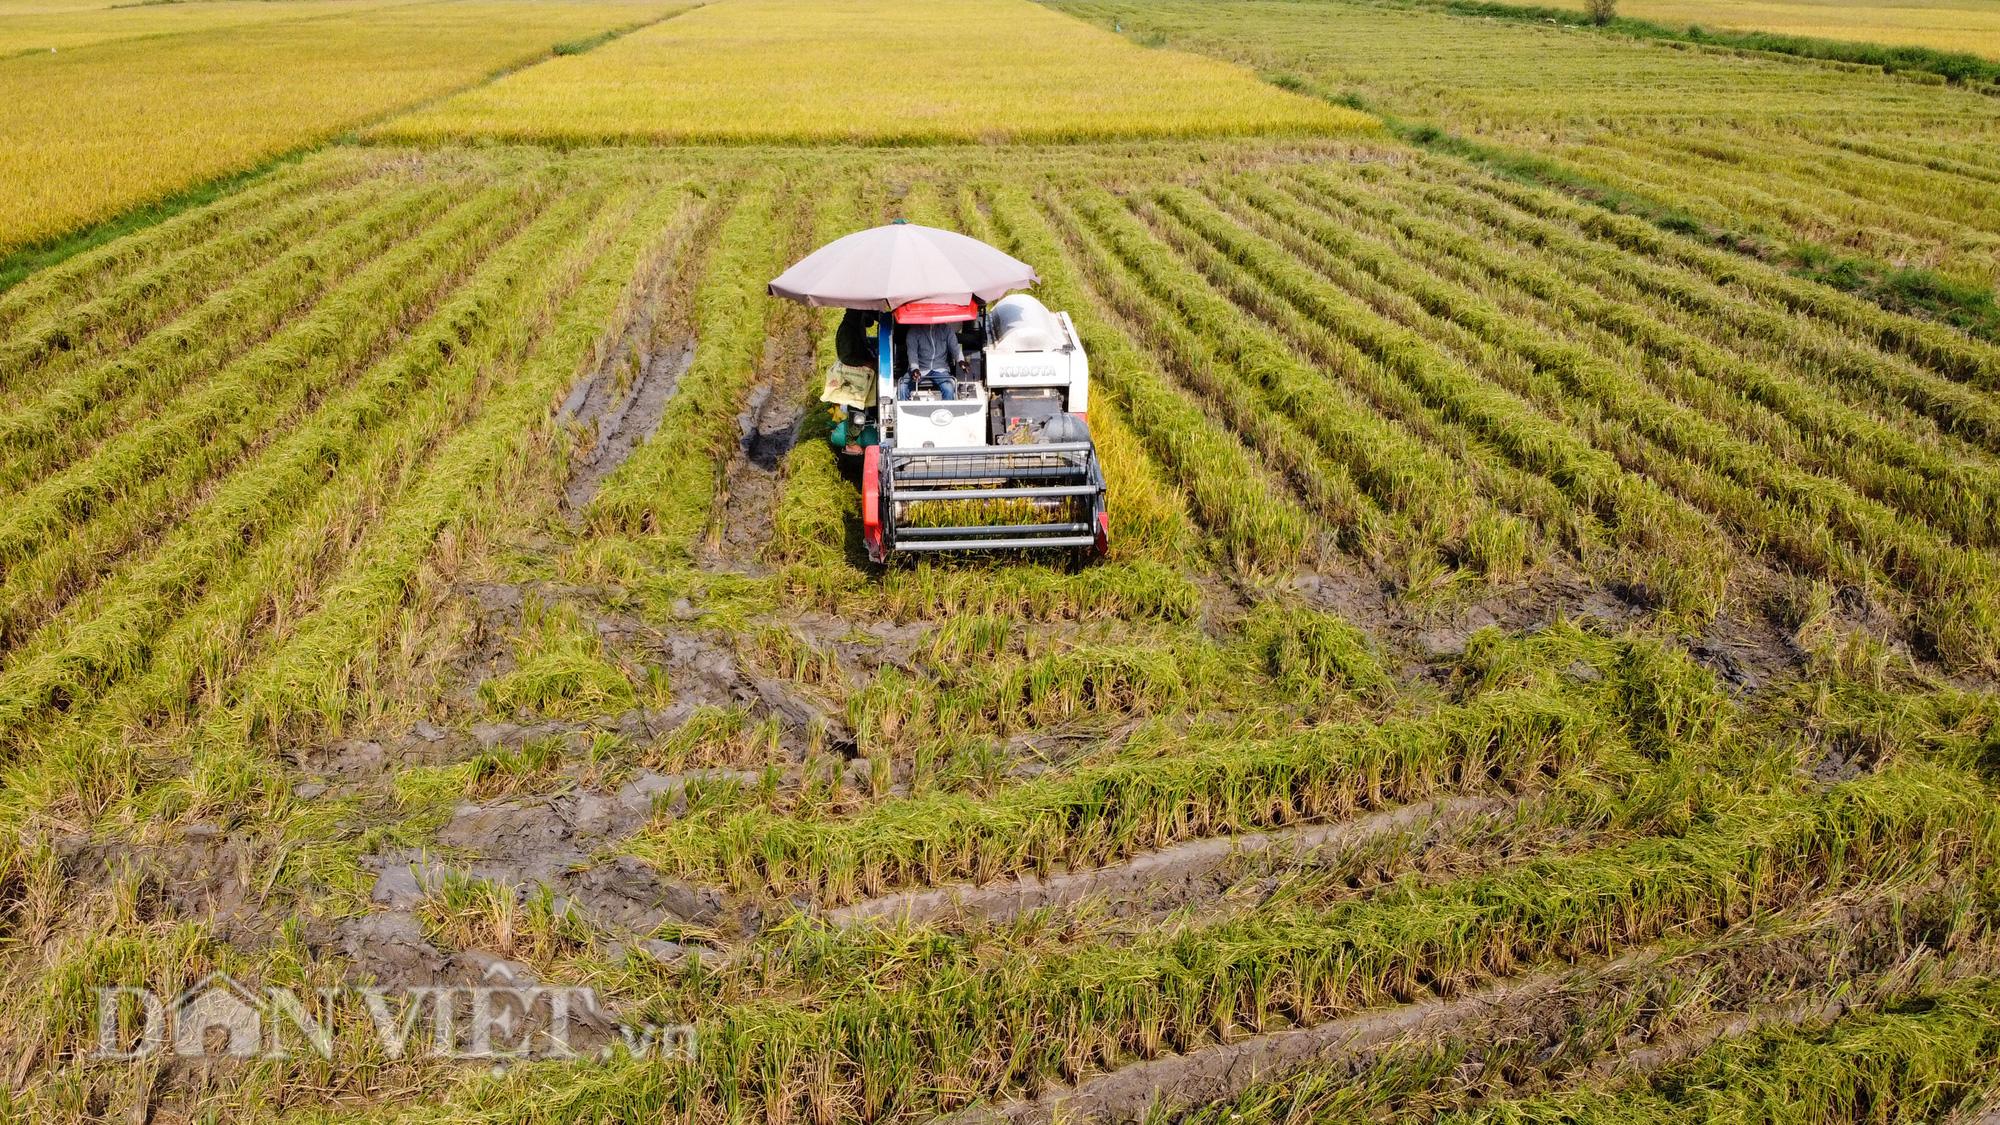 Nông dân Hà Nội đội nắng đón vụ mùa bội thu - Ảnh 3.